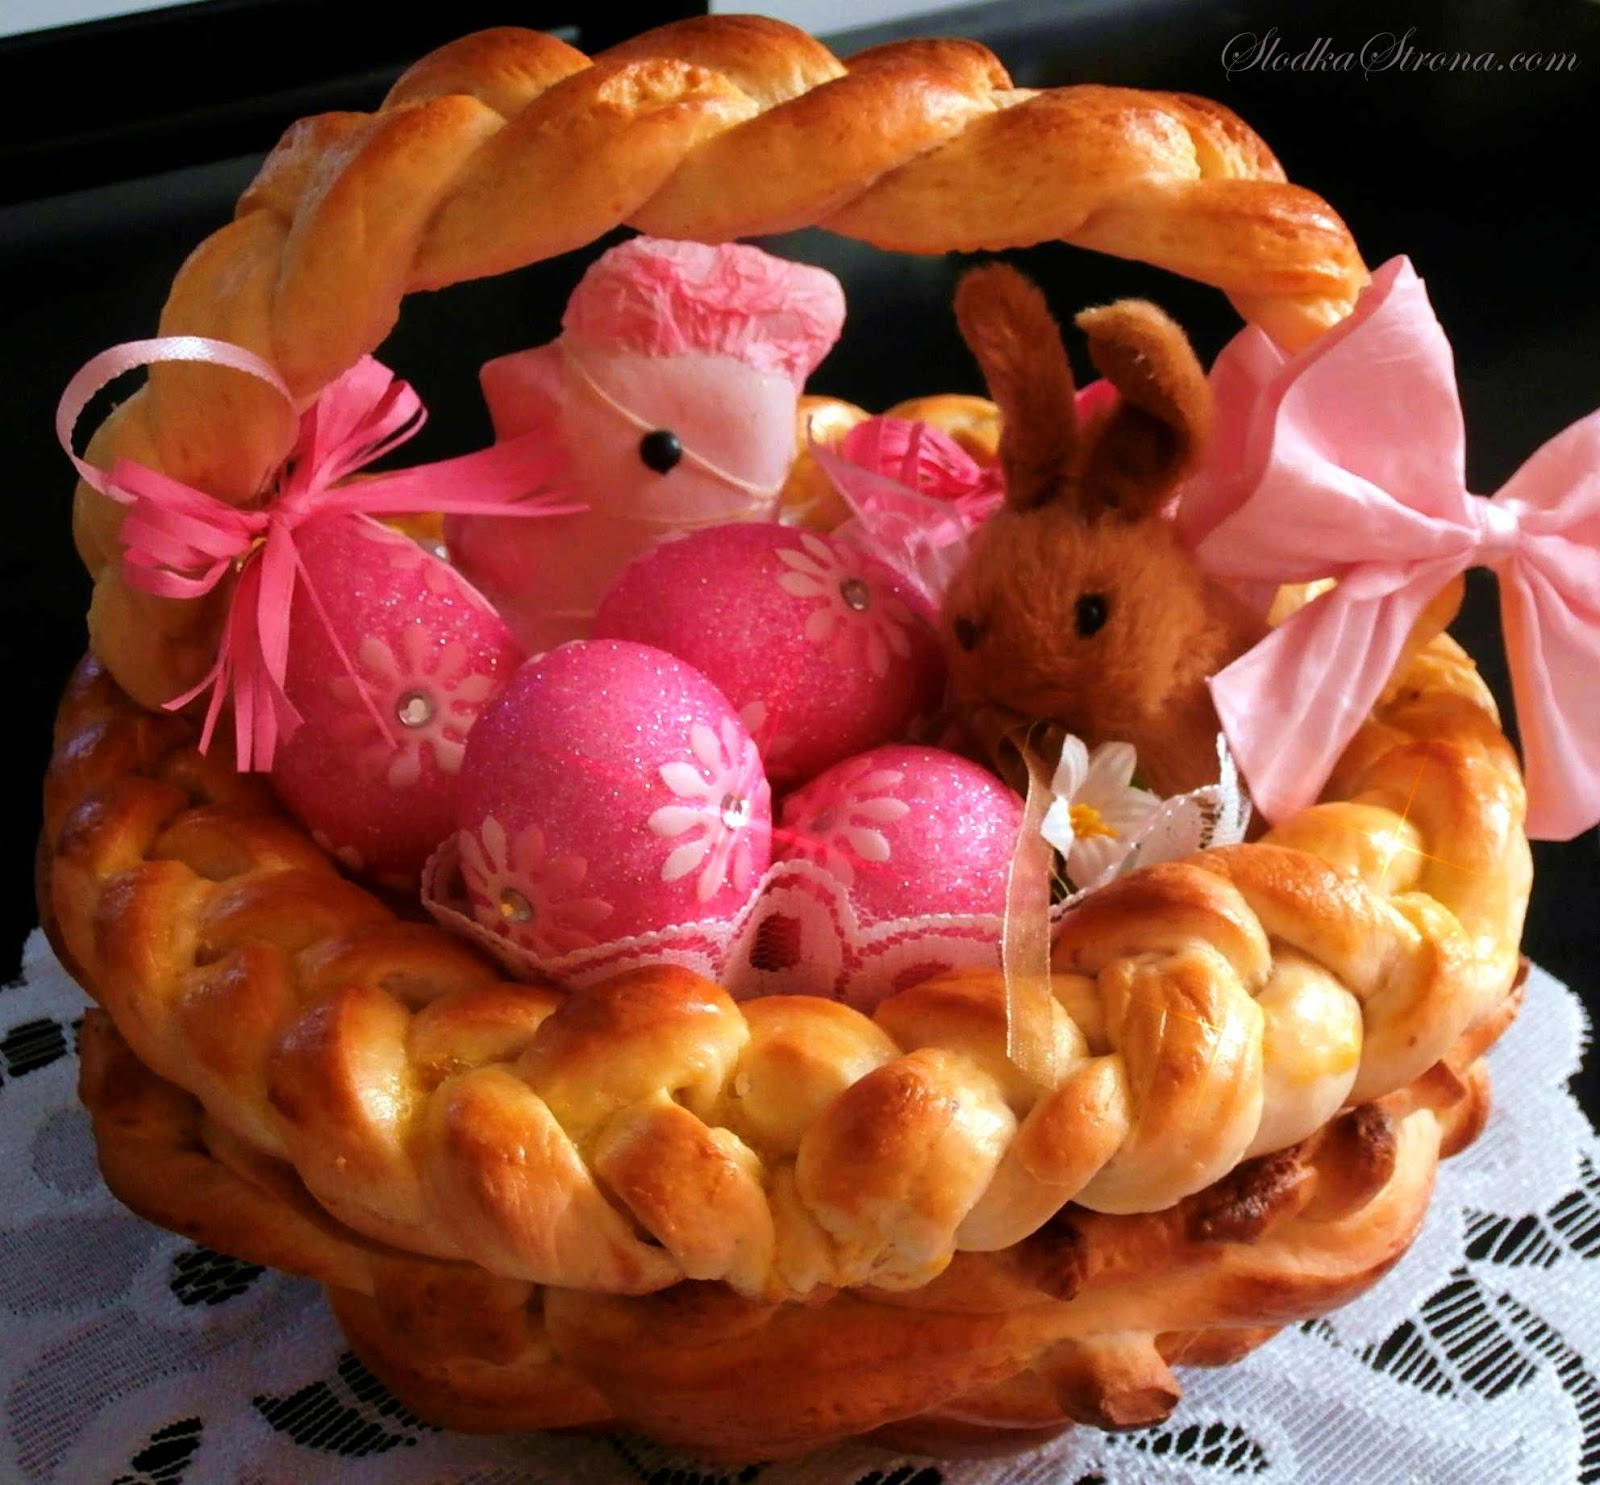 Drożdżowy Koszyczek Wielkanocny - Przepis - Słodka Strona